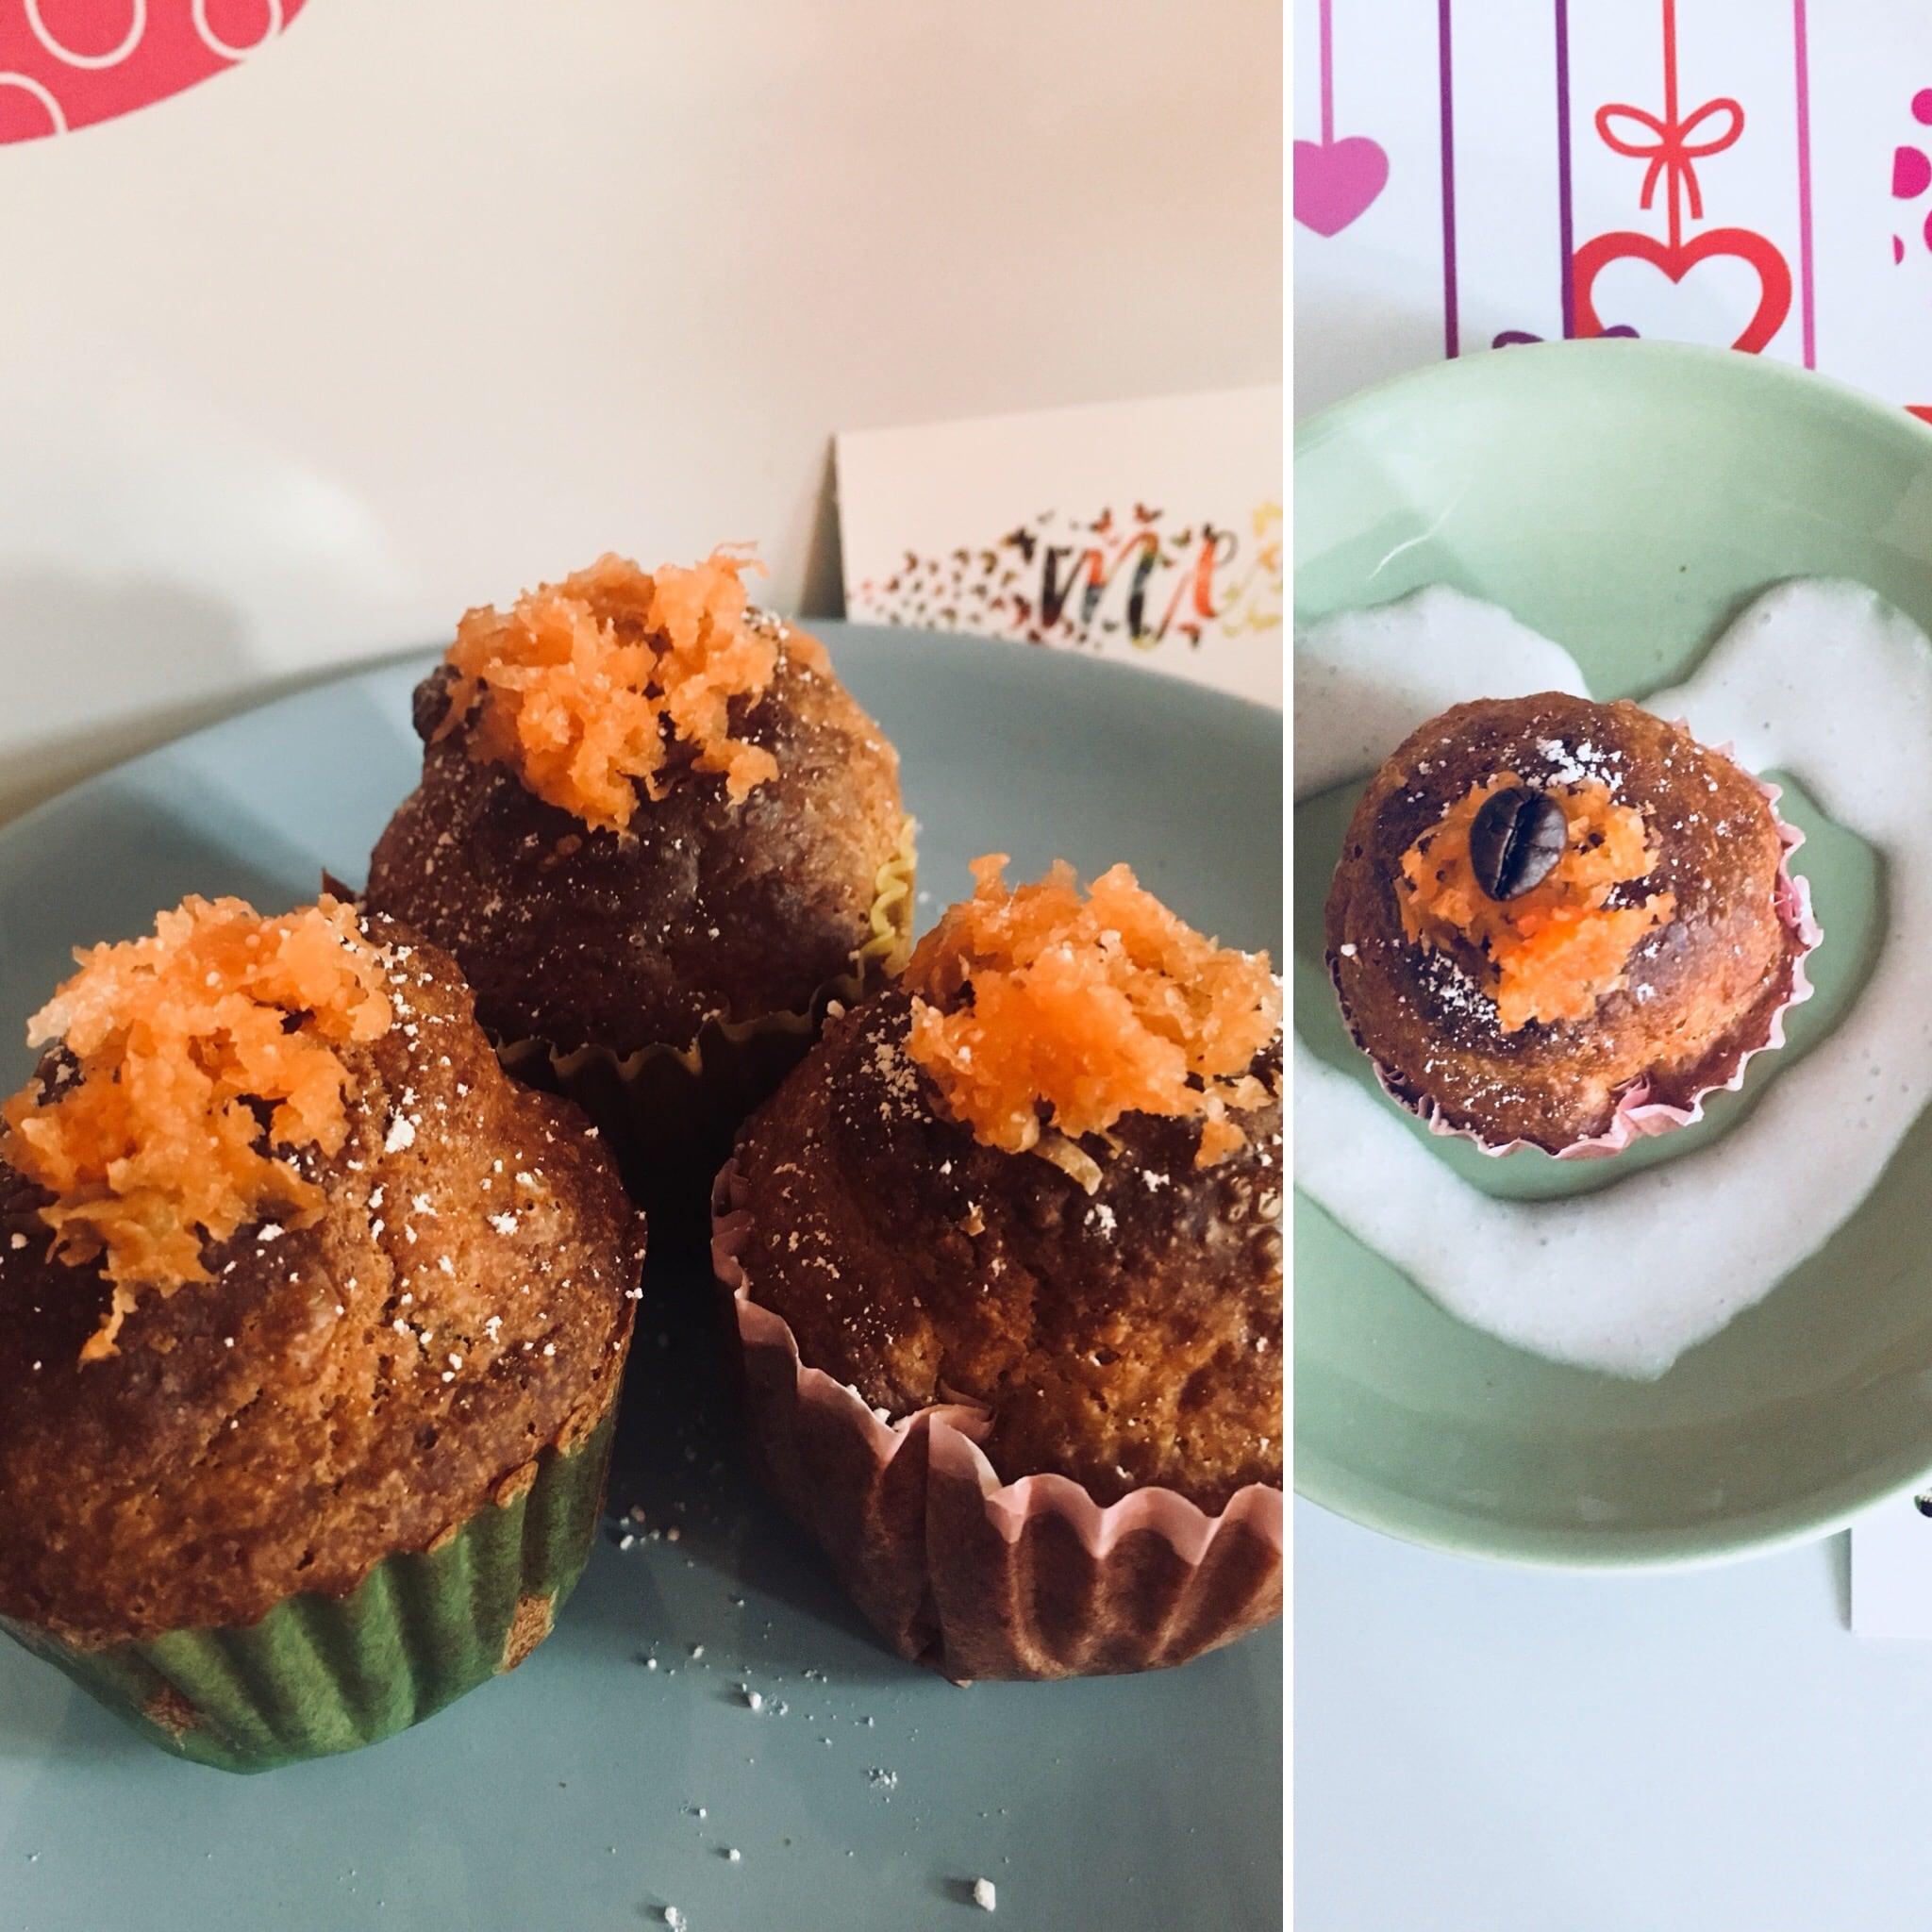 METODO LIEVITANDO FDV :  muffin di roger rabbit alla carota 🥕 con kefir di latte